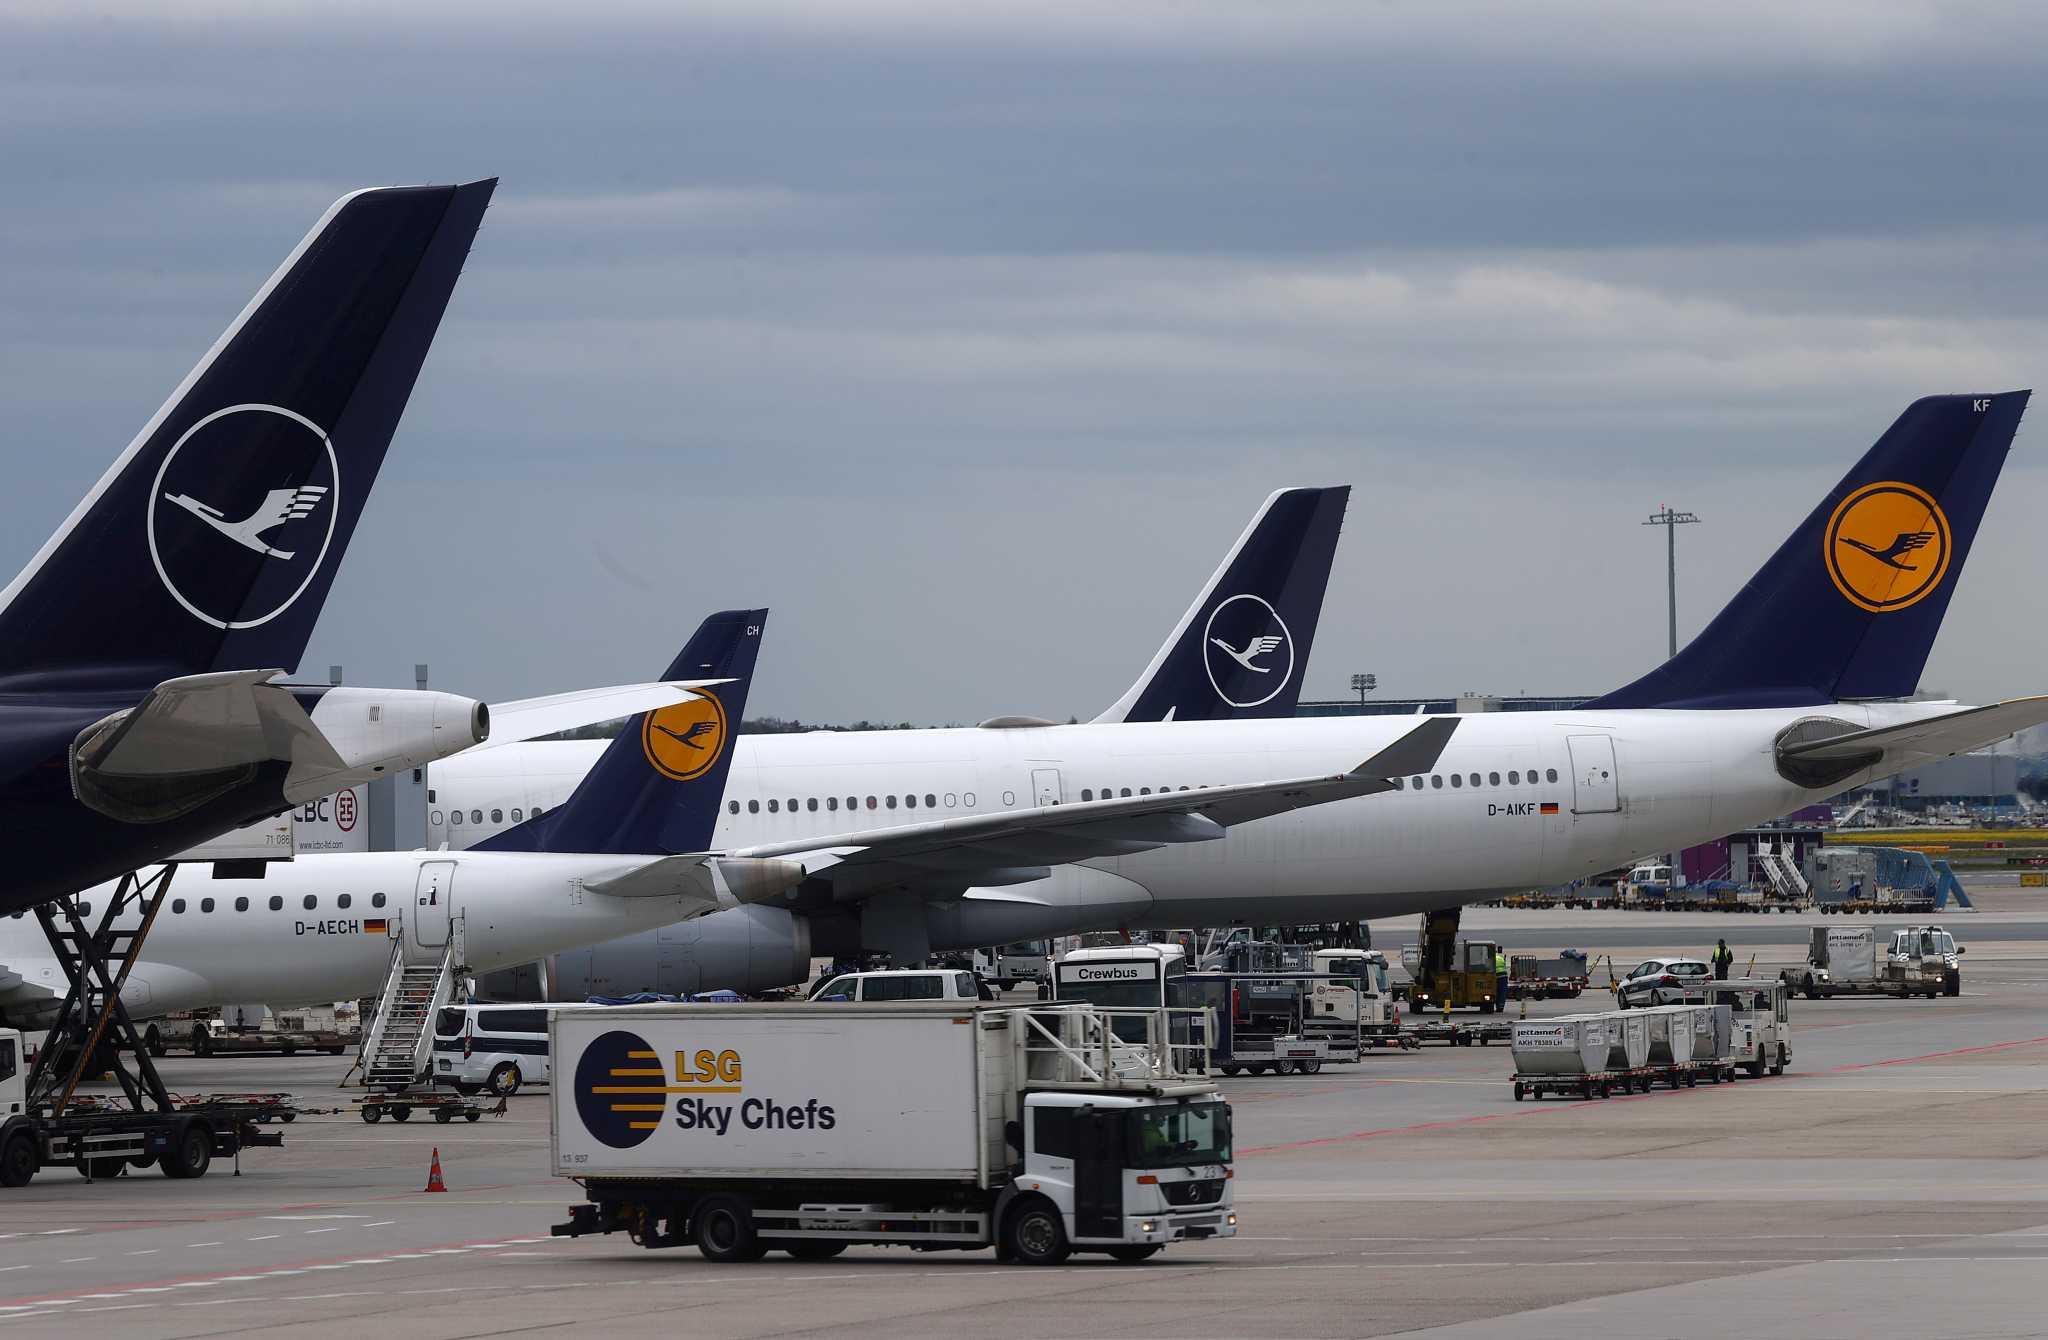 Όλοι πάνε Ελλάδα και Ισπανία! Αύξηση κρατήσεων καταγράφει η Lufthansa